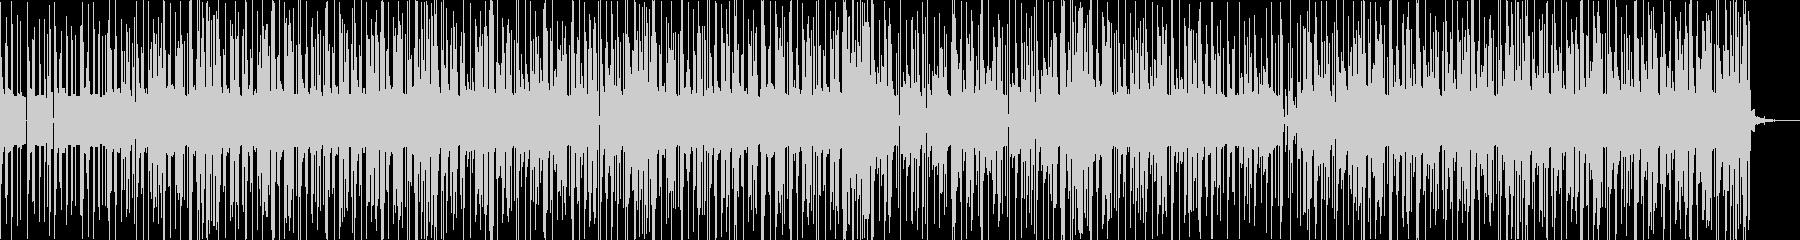 リラックスしたグルーヴのエレクトロニカの未再生の波形